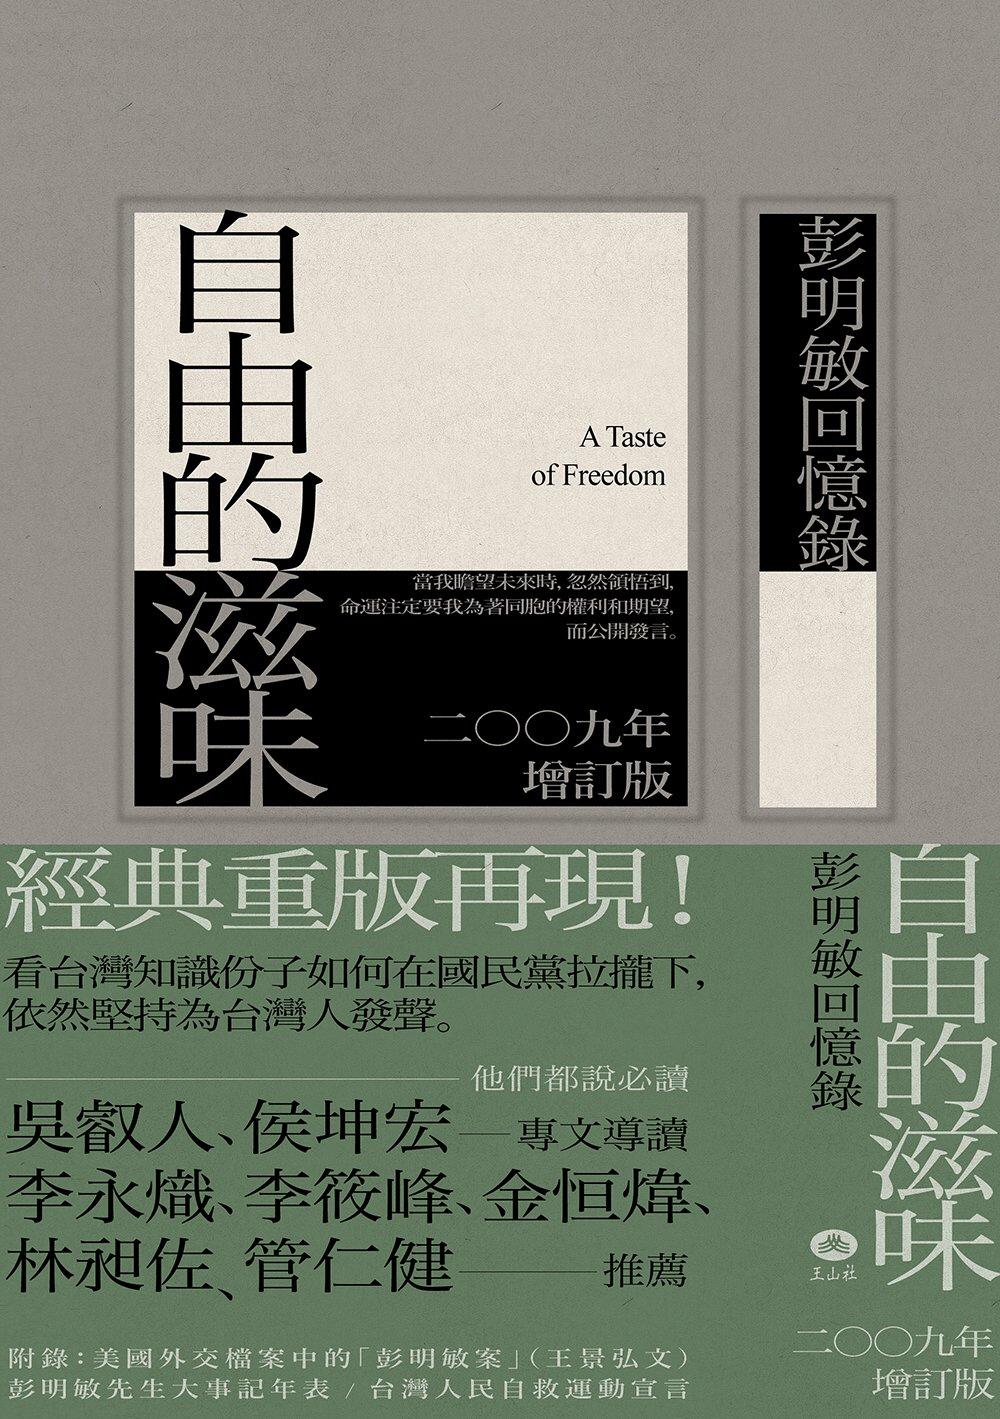 自由的滋味 彭明敏回憶錄(二○○九年增訂版)